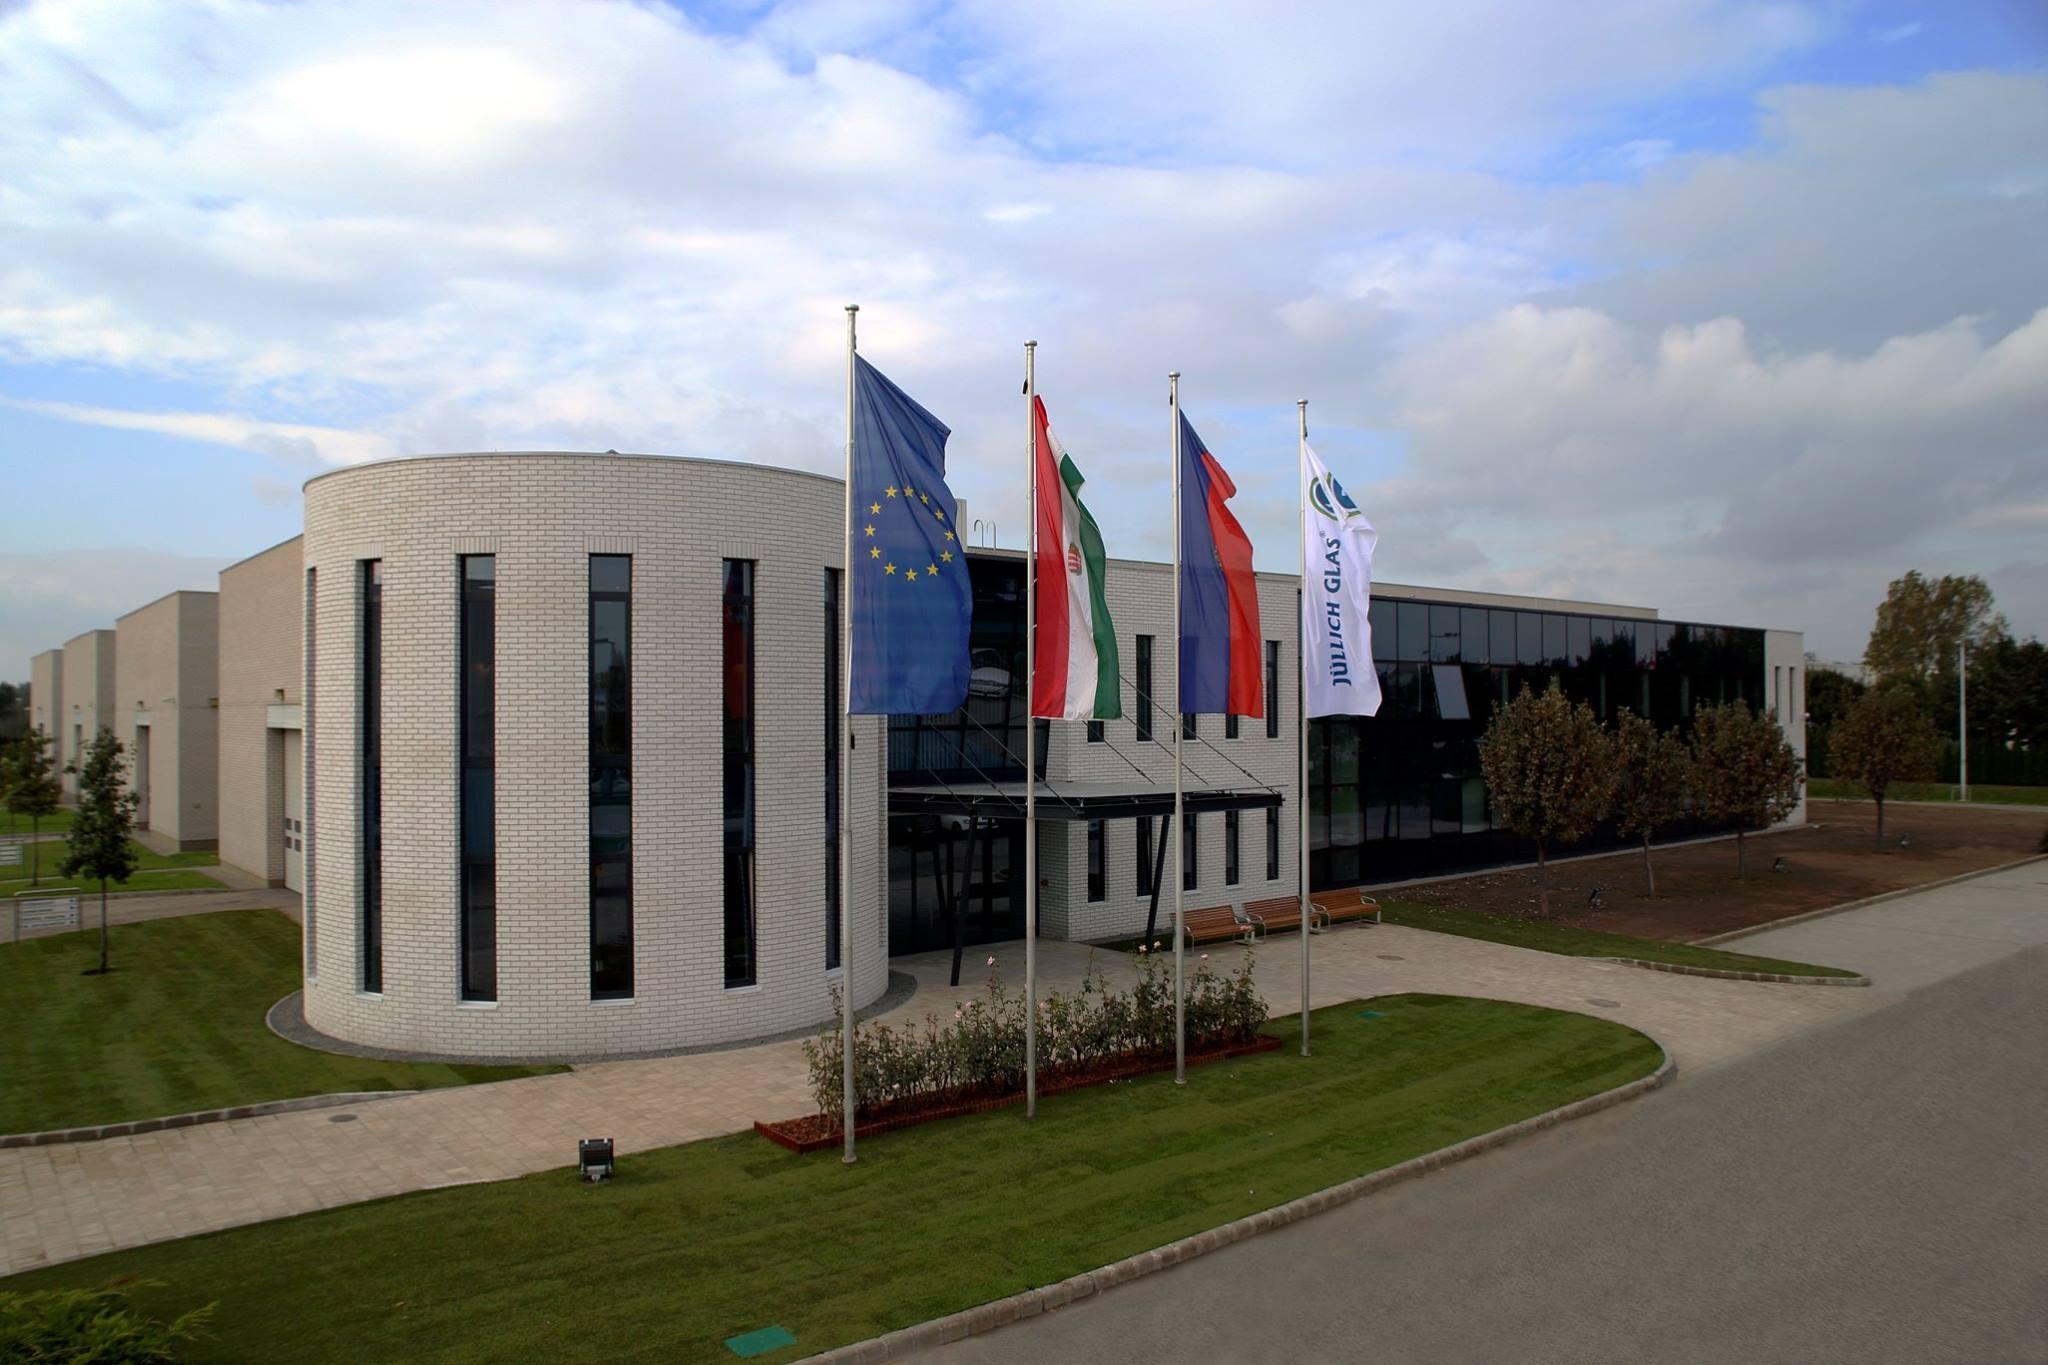 Hűthető üvegszerkezetet fejlesztett ki a székesfehérvári Jüllich Glas Holding